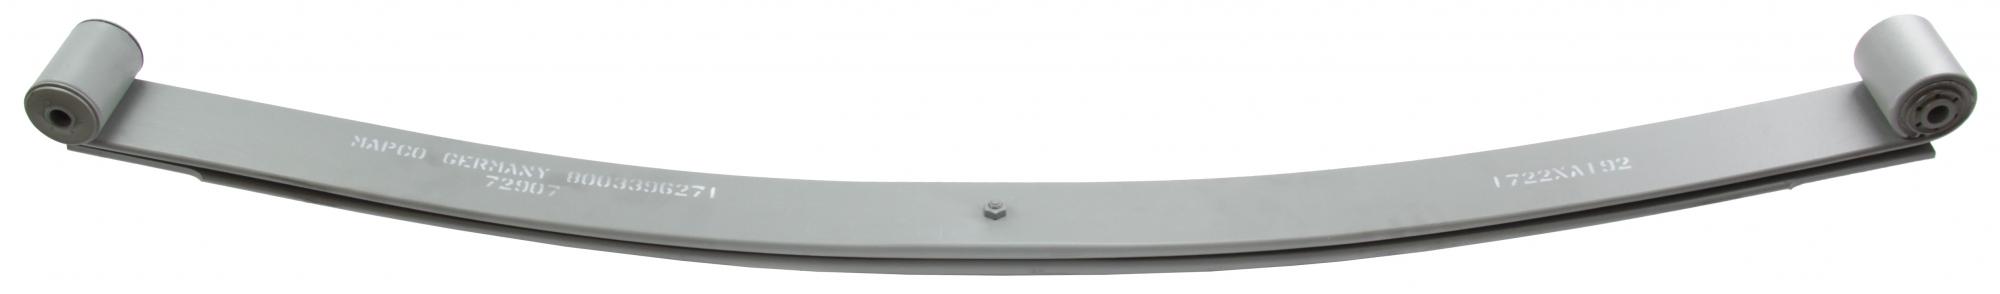 MAPCO 72907 Federnpaket